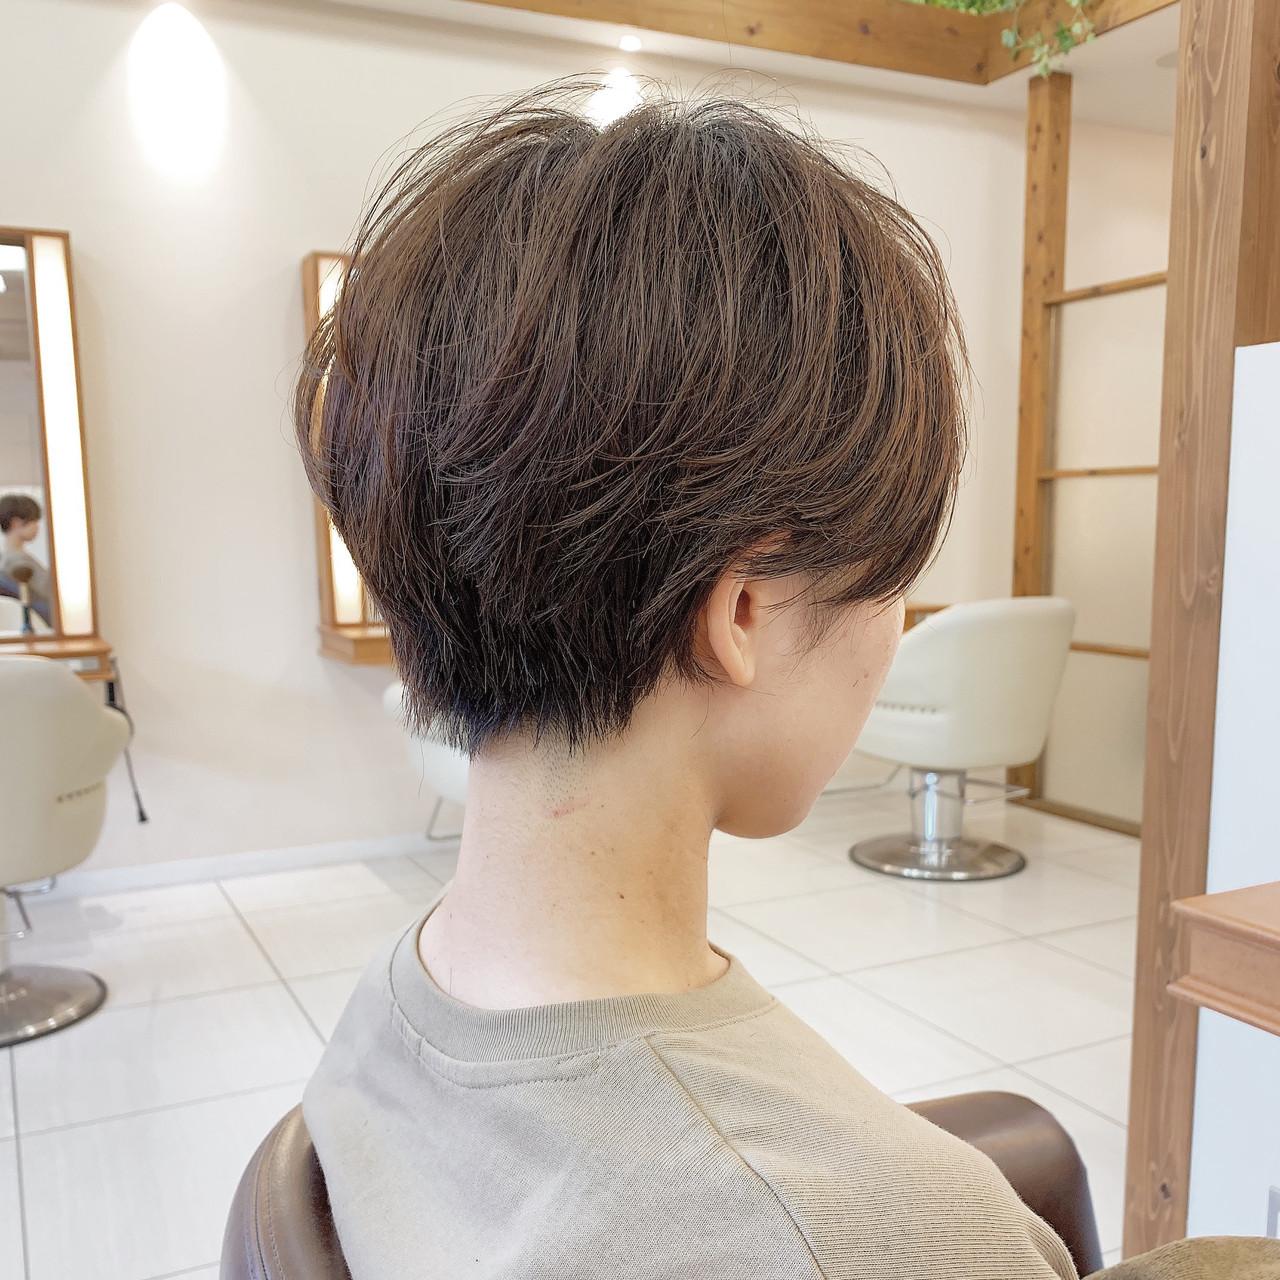 ハンサムショート ナチュラル ショート 可愛い ヘアスタイルや髪型の写真・画像 | 【つくば美容師】ショートヘア愛好家/矢崎 翔太 / ジールサロン